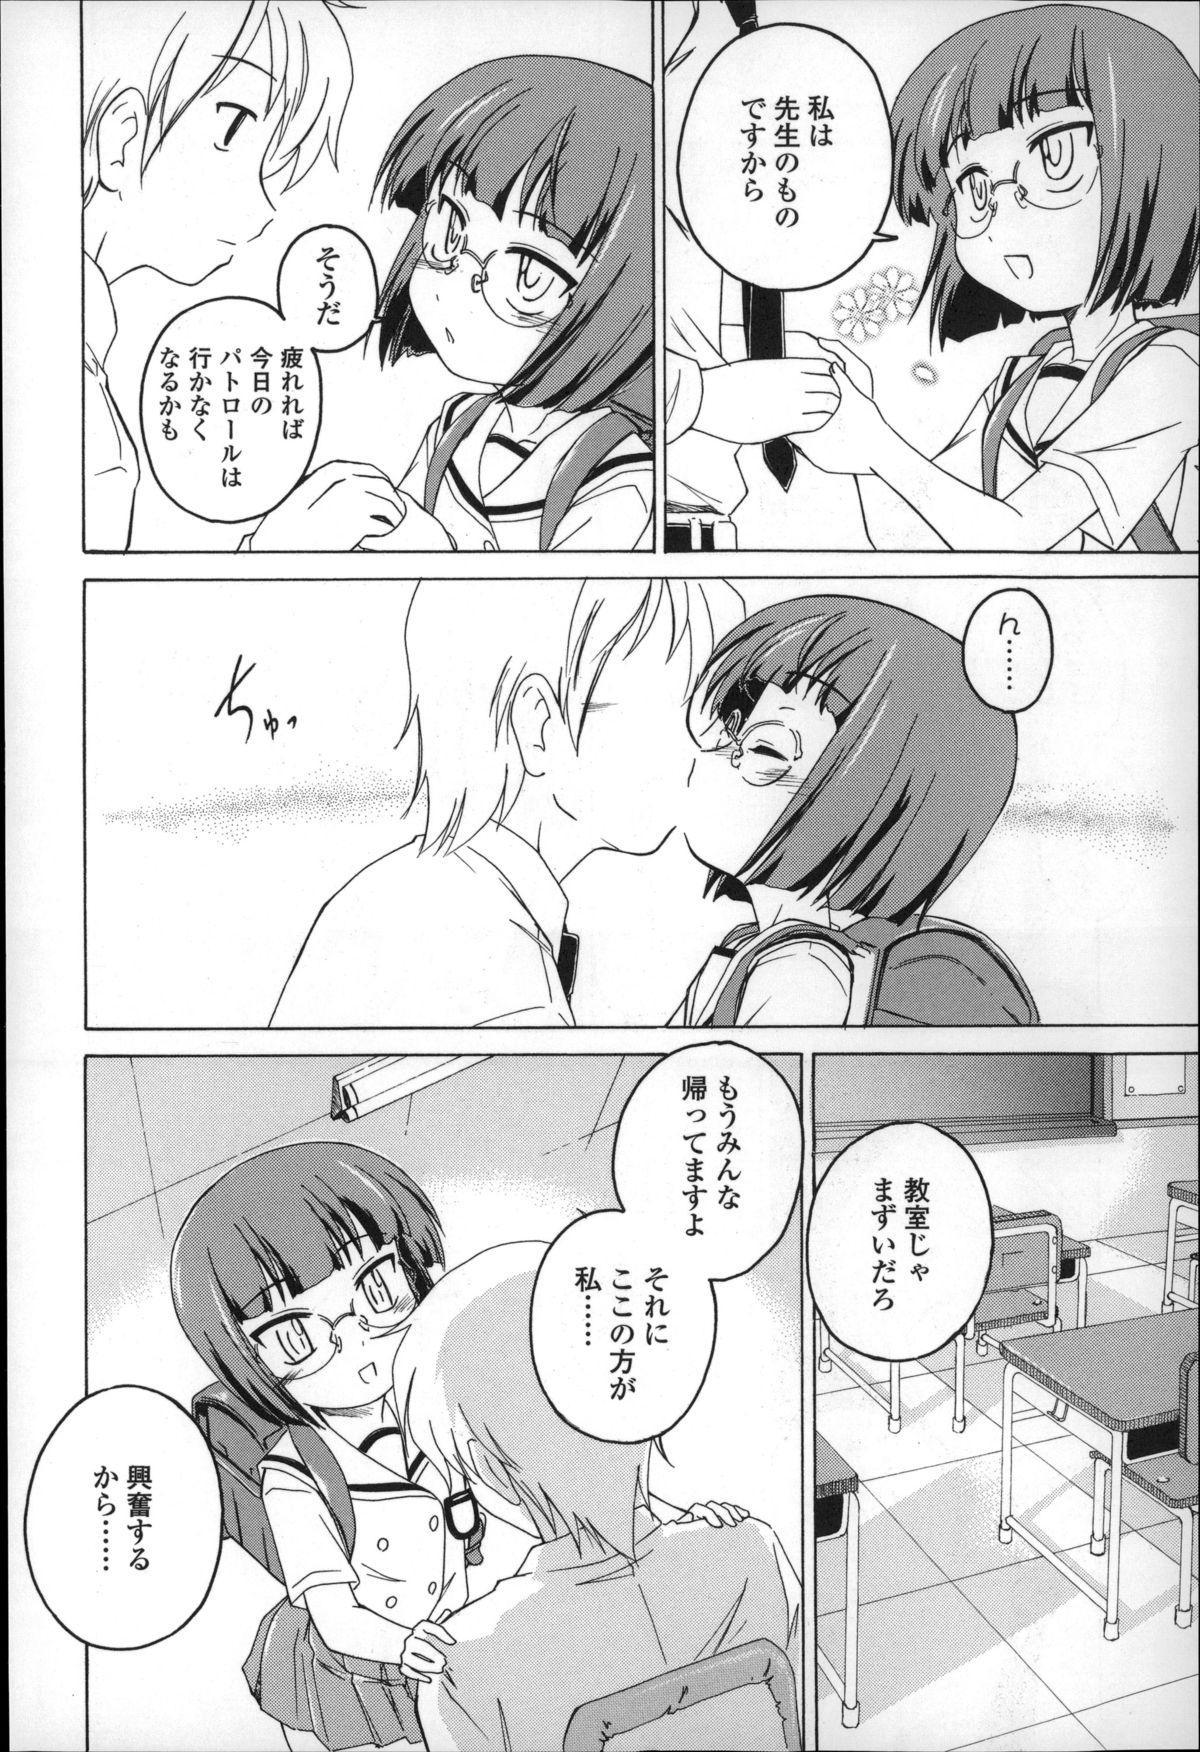 Youshou no Hana no Himitsu - The secret of Girls flowers 9